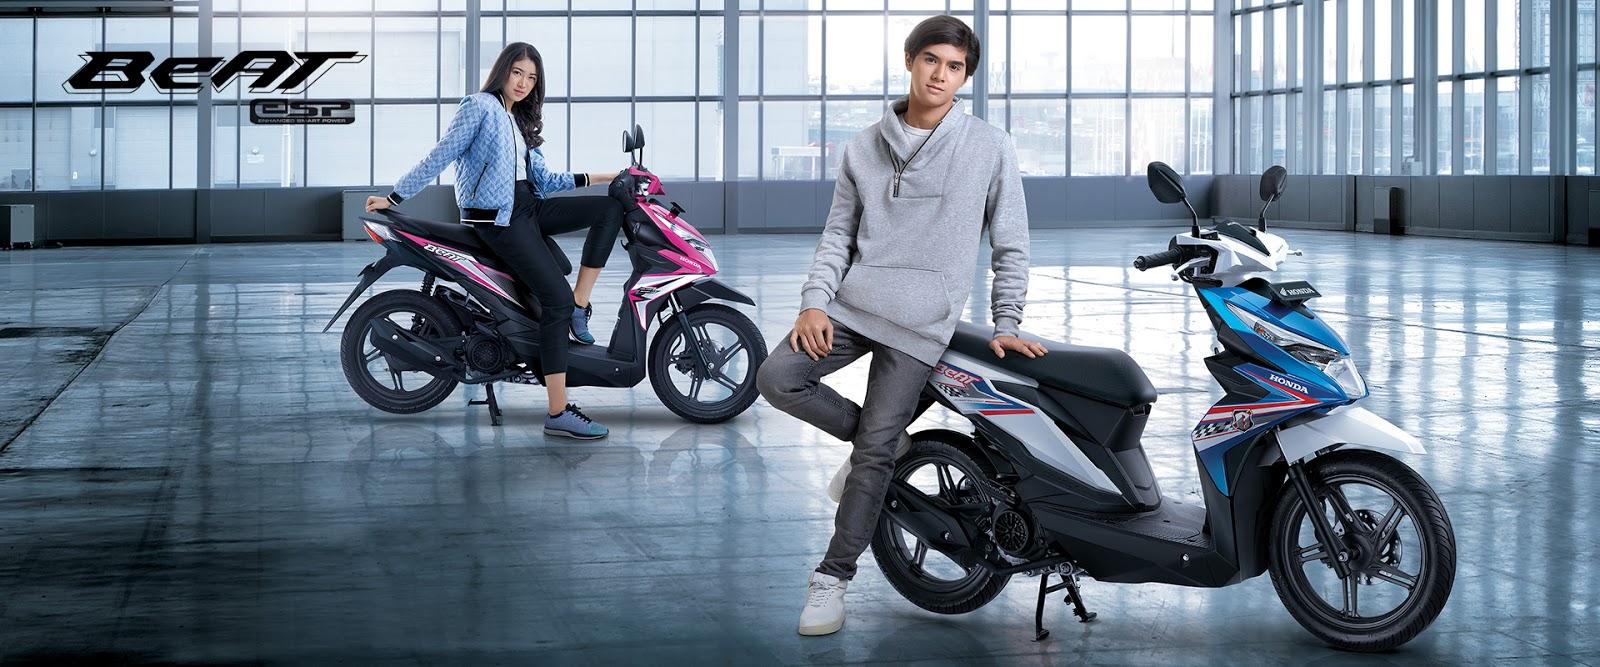 Harga Kredit Motor Honda Beat Sporty Bandung Terbaru 2019 Promo Kredit Motor Honda Bandung